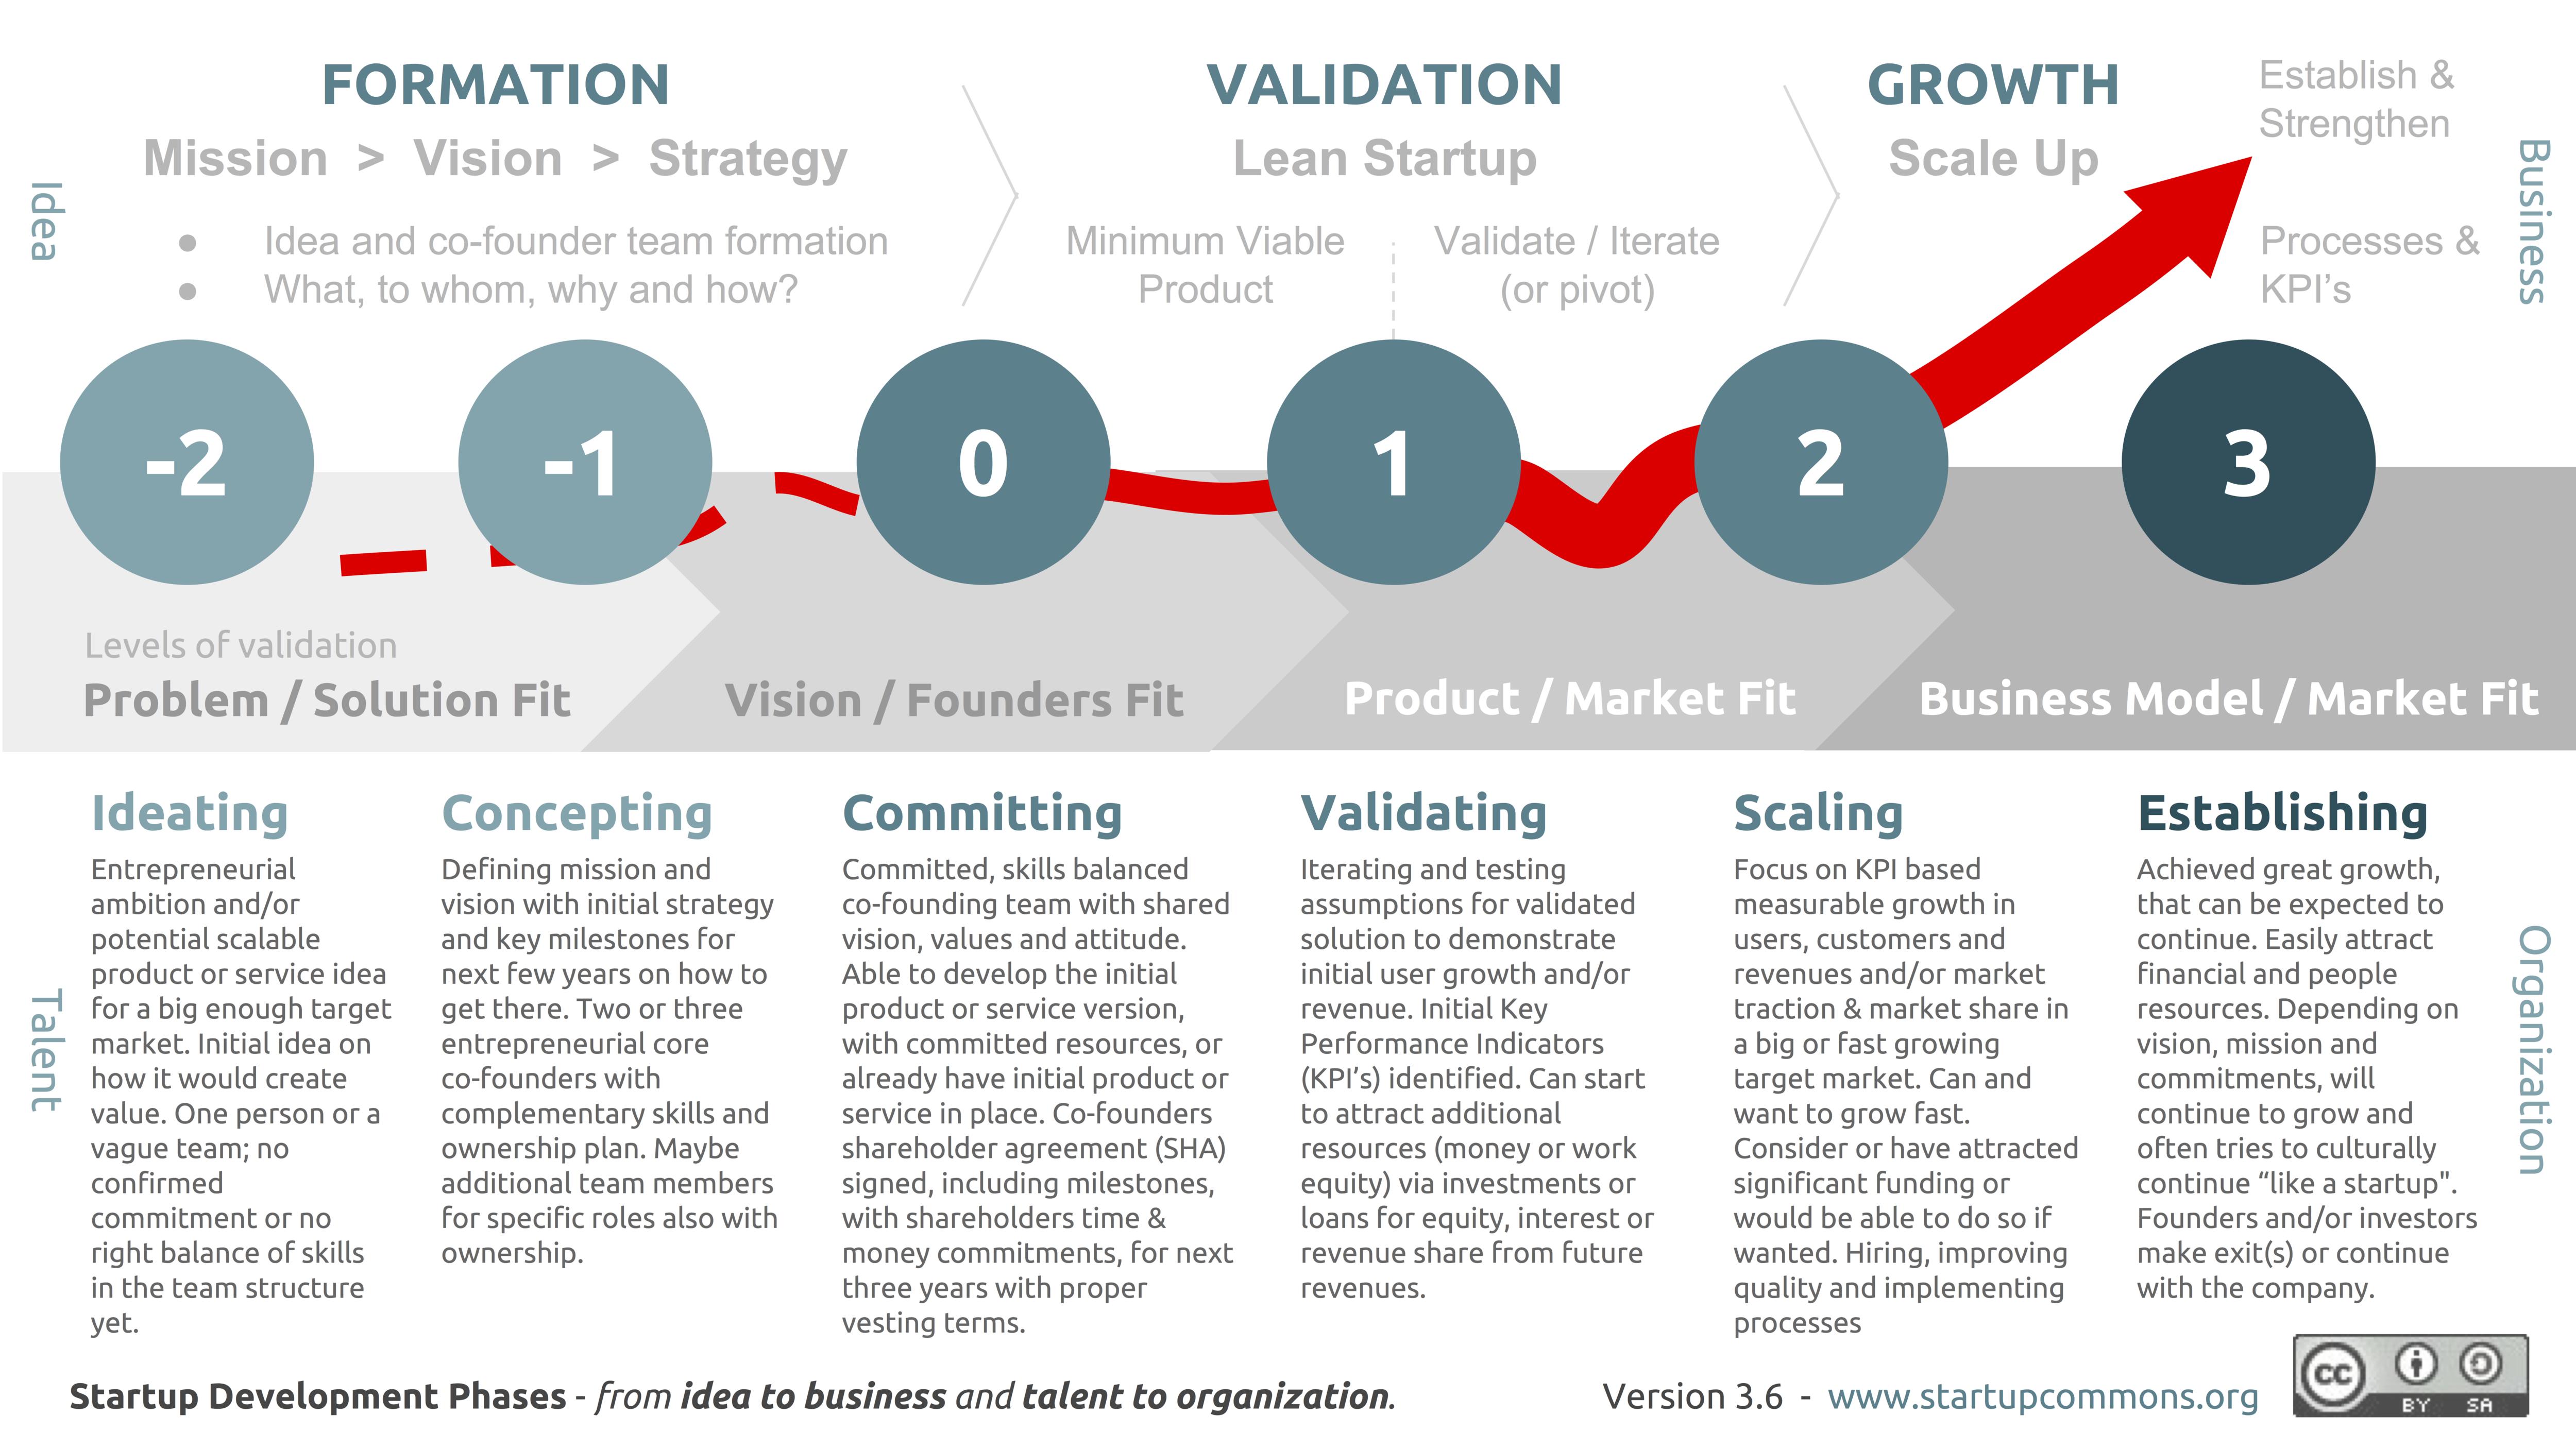 مراحل کلیدی رشد یک شرکت نوپا - منبع